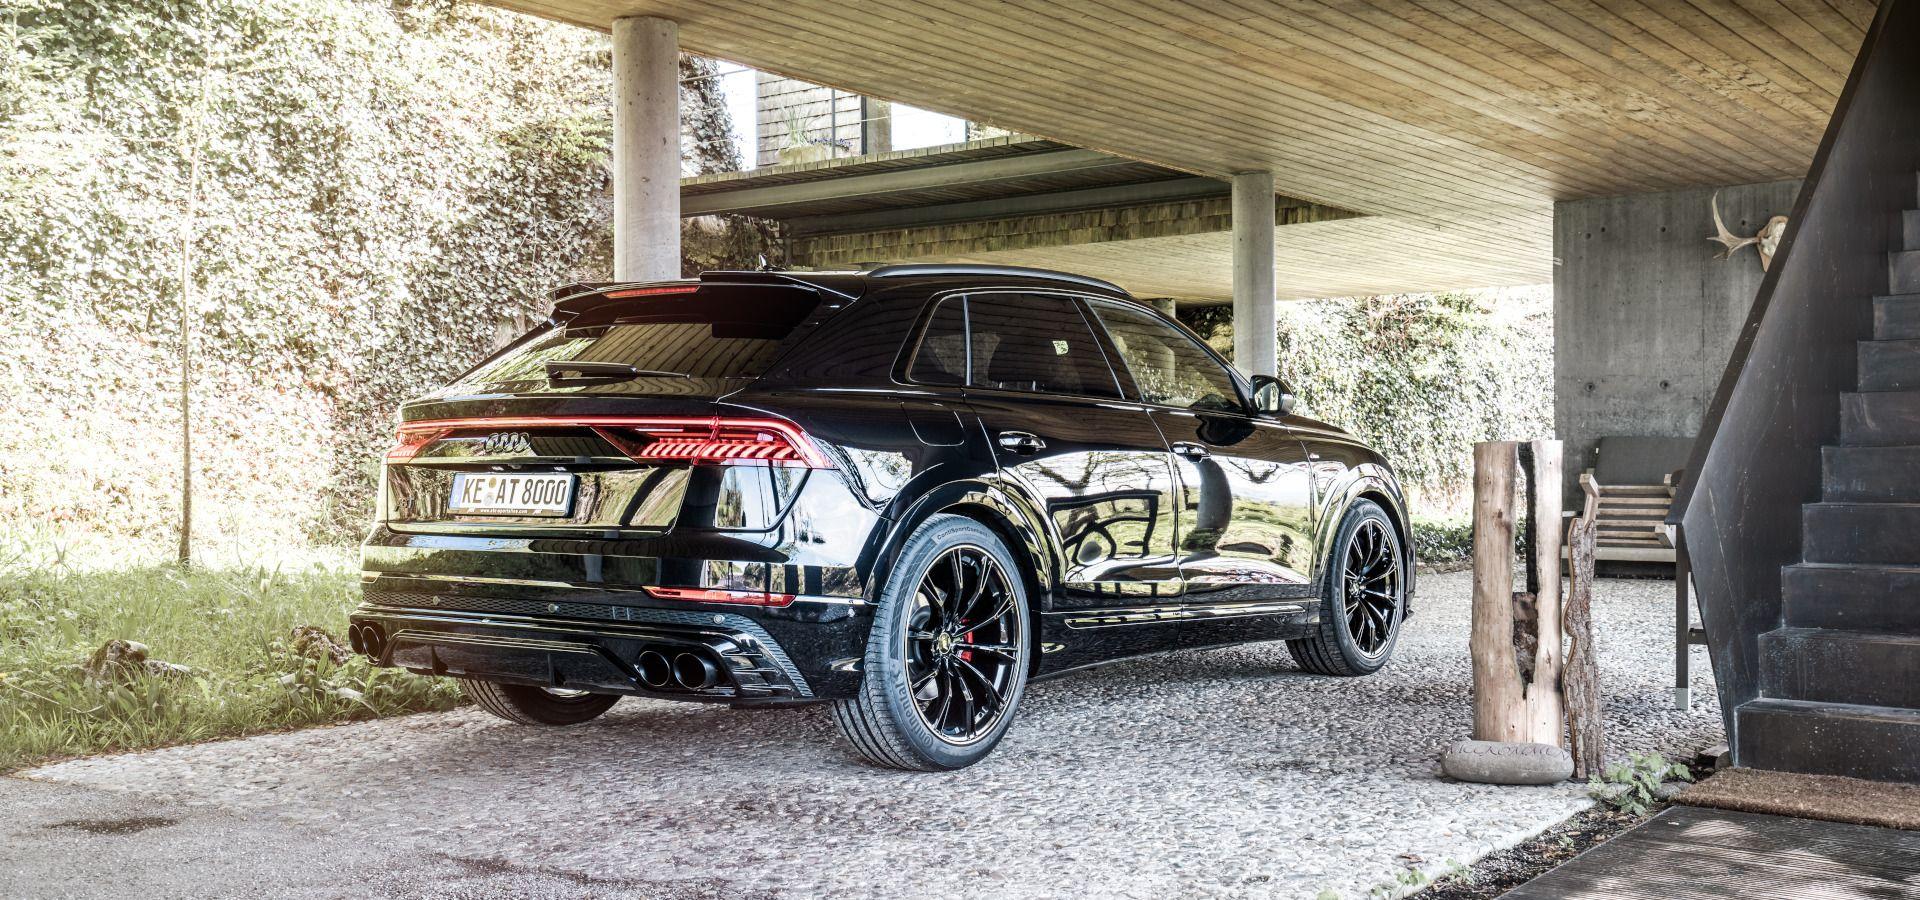 Audi Q8 Abt Luxury Motor Audi Dream Cars